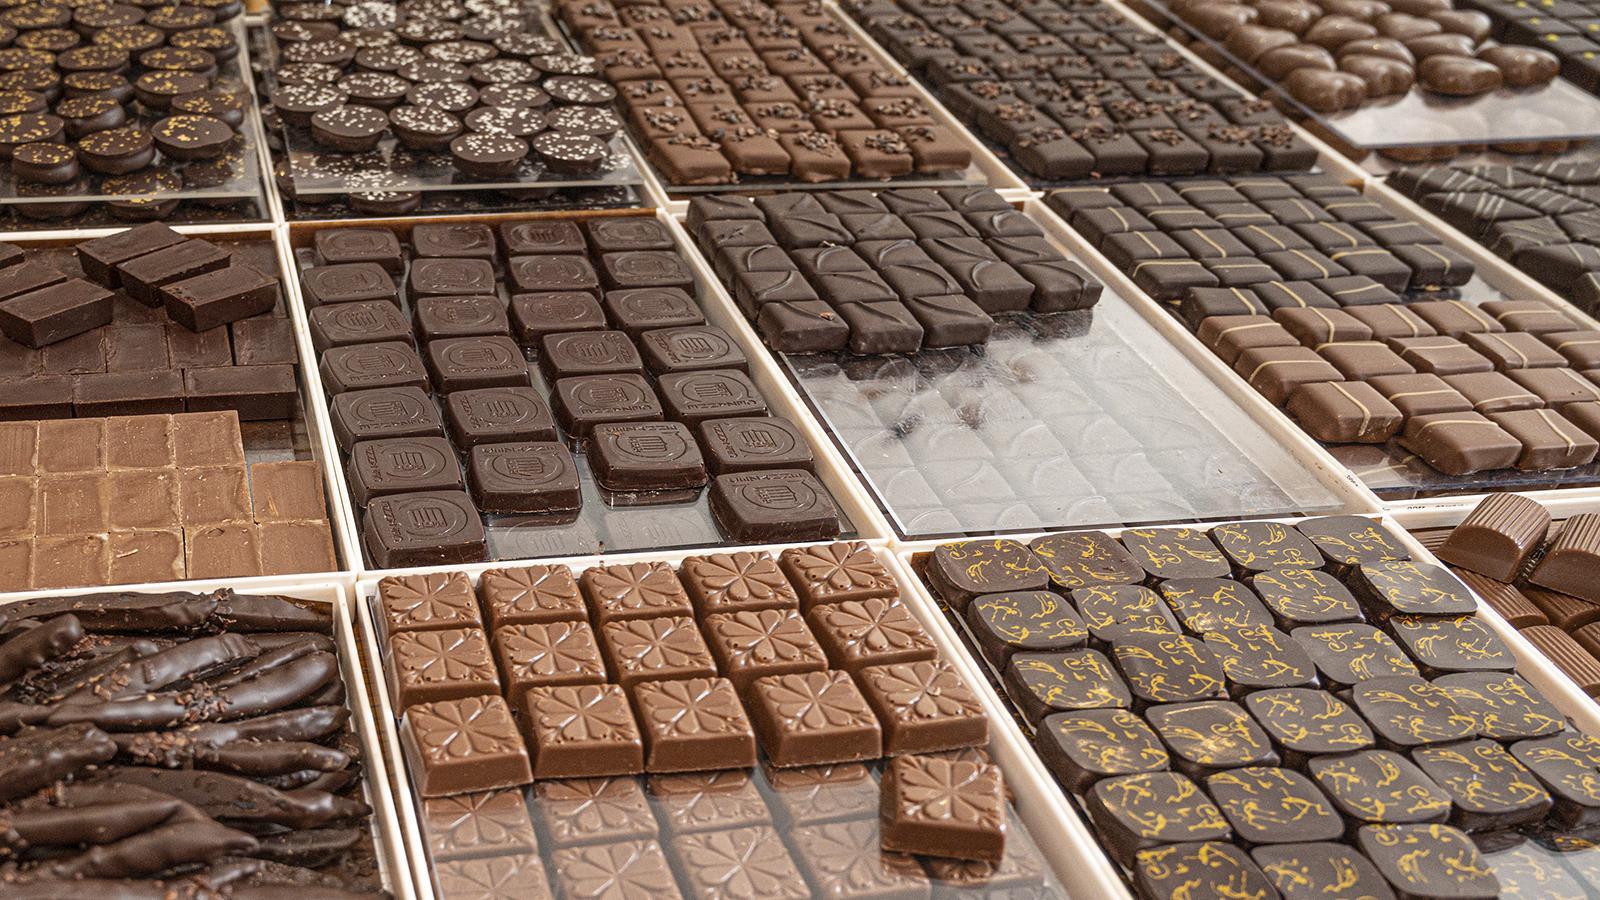 Verführung im Quadrat: die Schokolade von Puyricard. Foto: Hilke Maunder